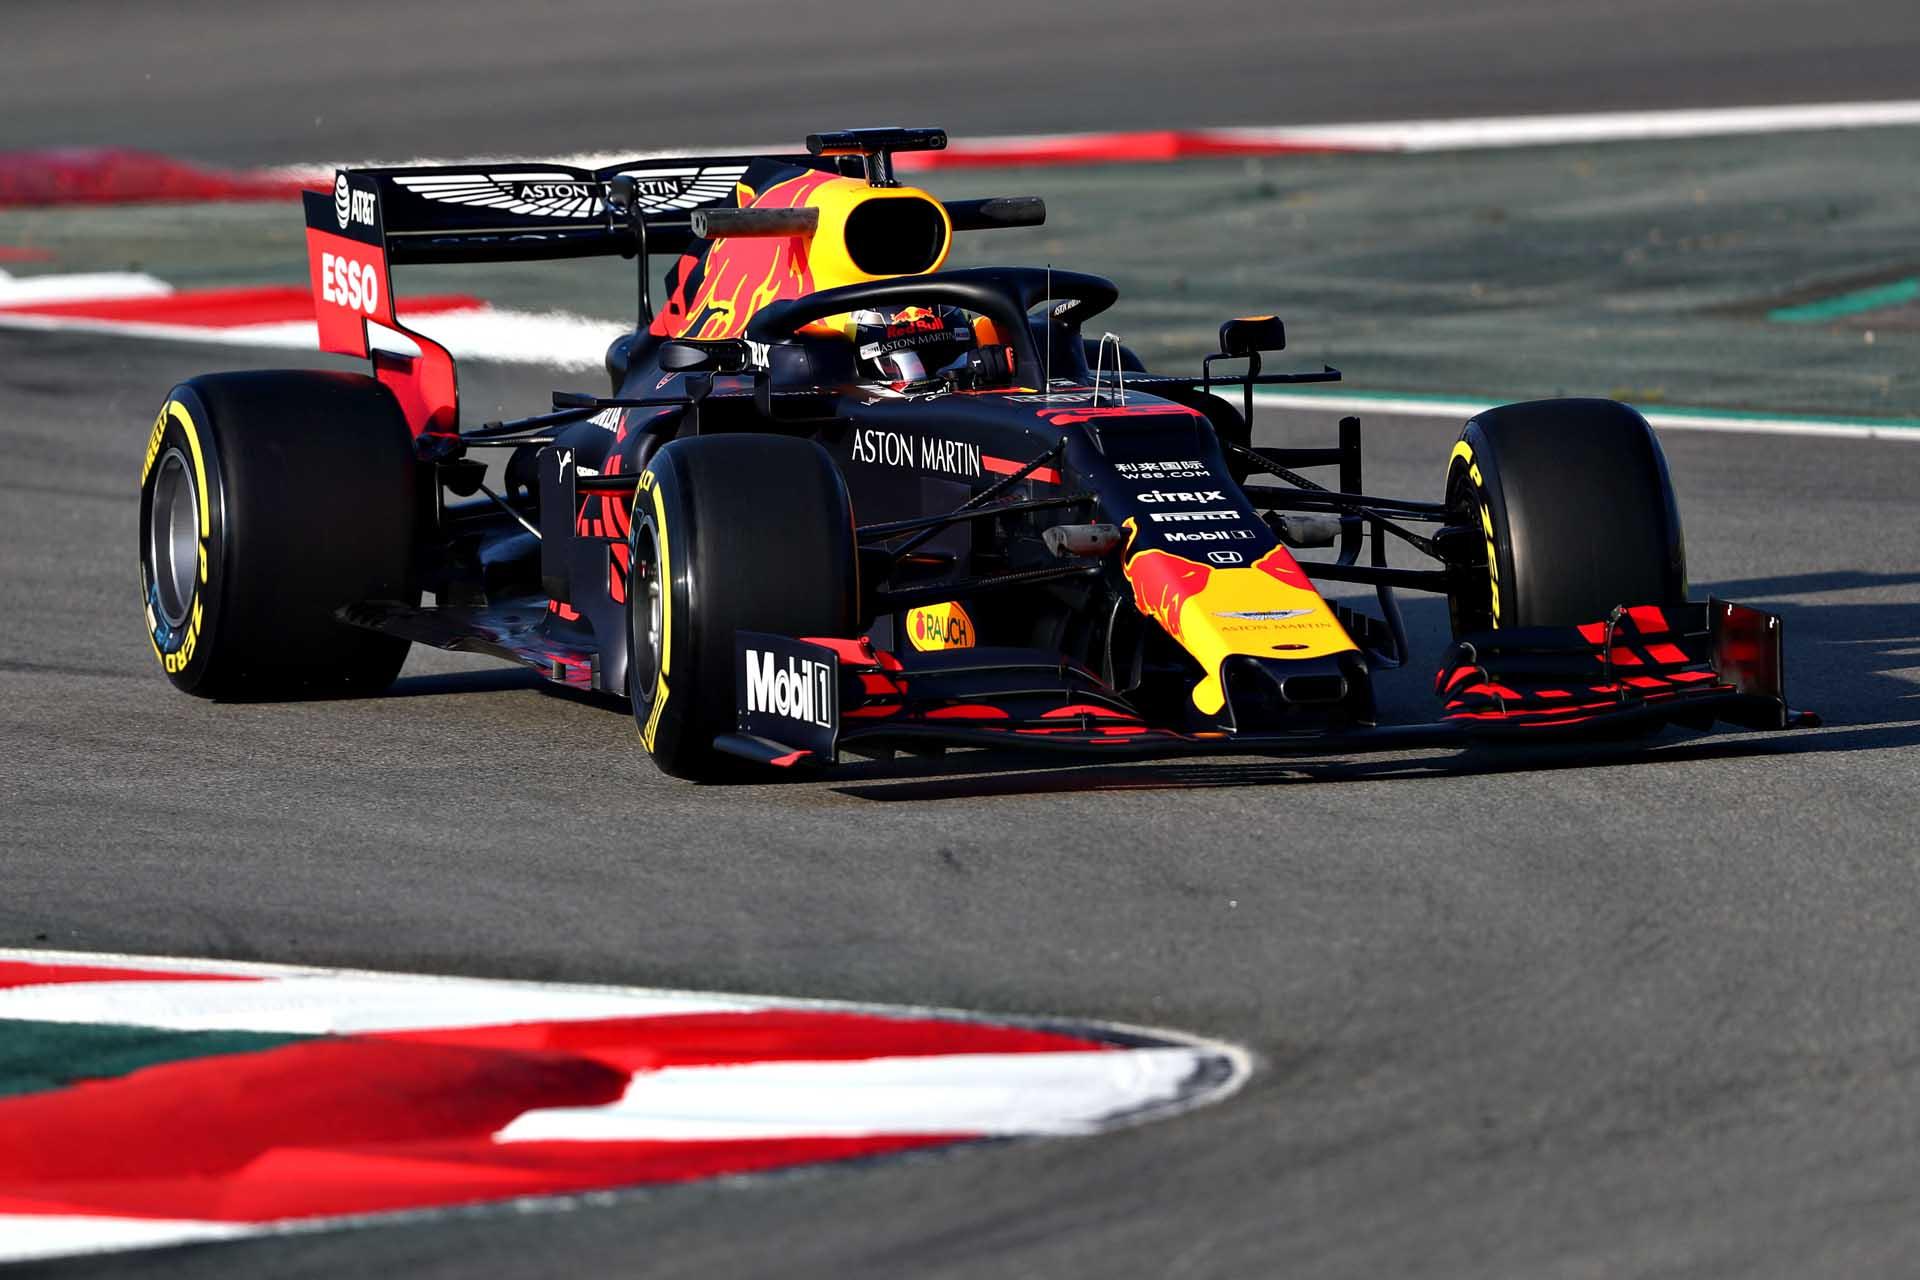 Eines der Highlights auf dem Asphalt wird ein Formel-1-Bolide des Aston Martin Red Bull Racing Teams sein.